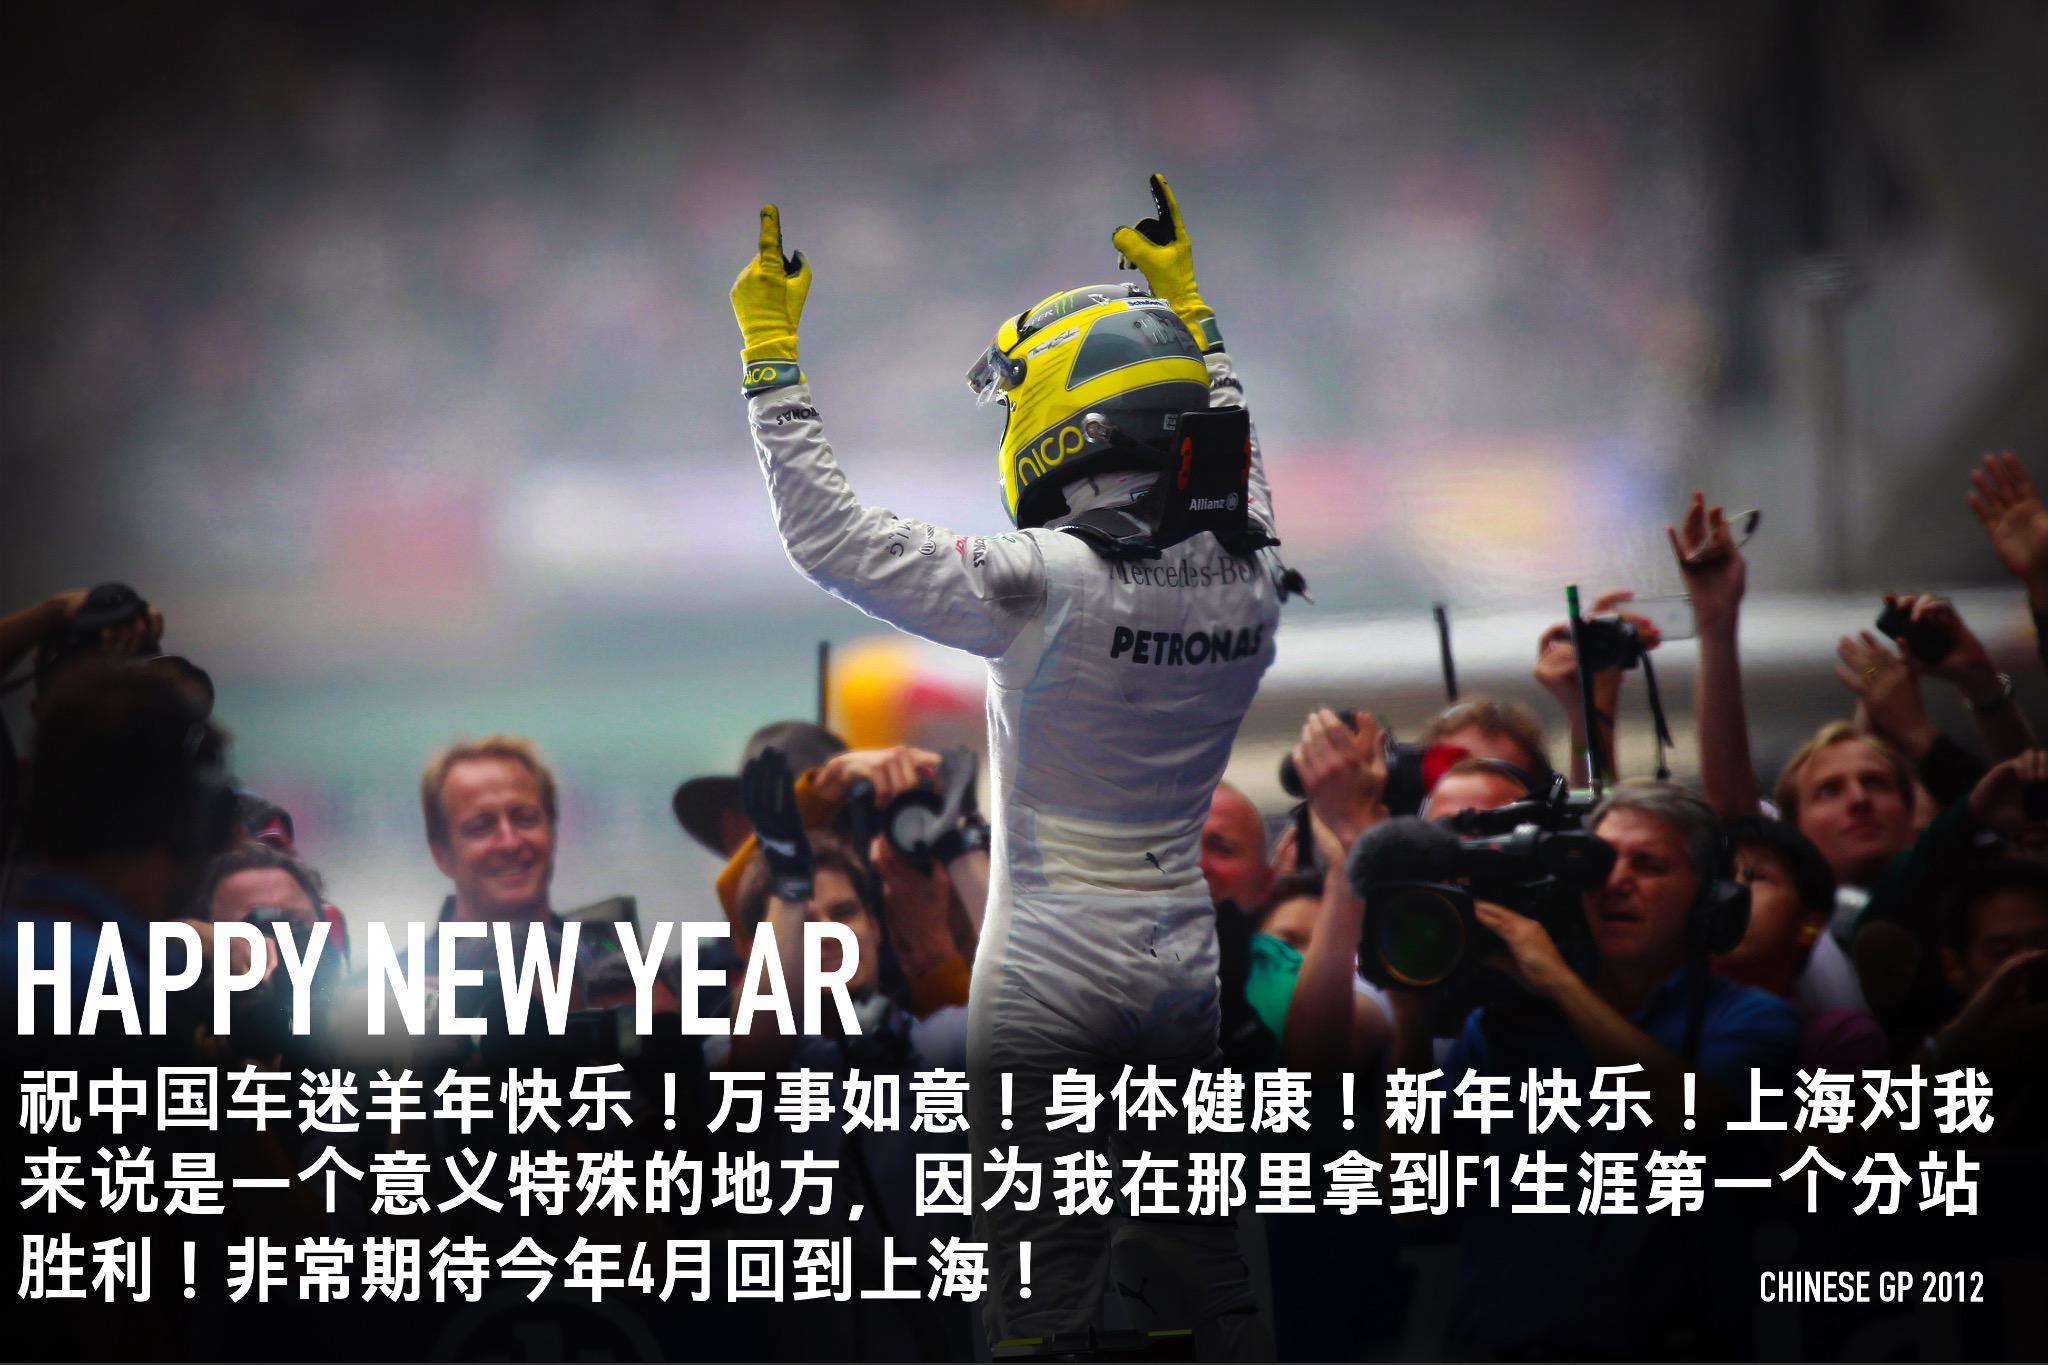 新年快乐!Wishing my Chinese fans a happy new year!! See you in April #ChinaGP #HappyNewYearChina http://t.co/9Lgyd2P6Js